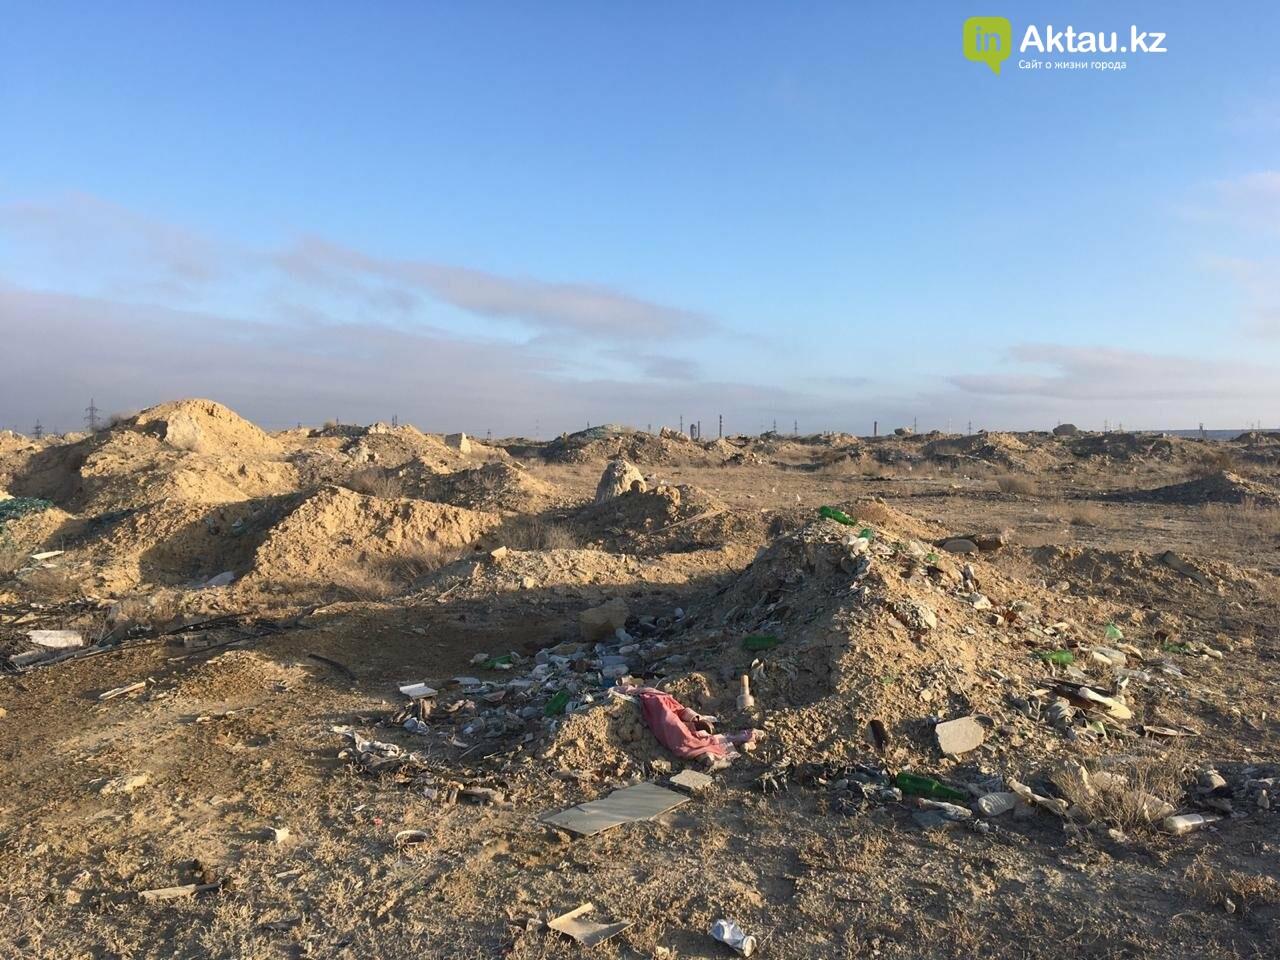 В Актау и окрестностях обнаружили 194 стихийные свалки, фото-1